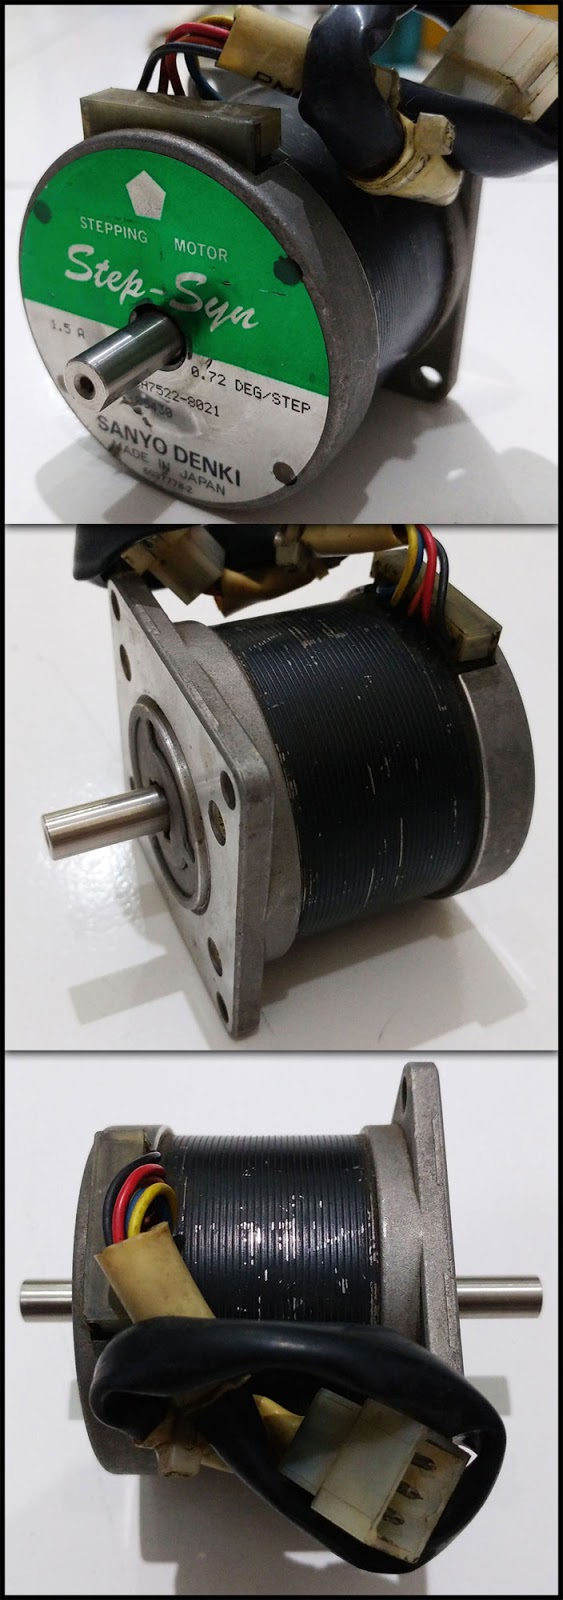 2nd machine 5 phase stepping motor 103h7522 8021 torsi for Step syn sanyo denki stepping motor datasheet